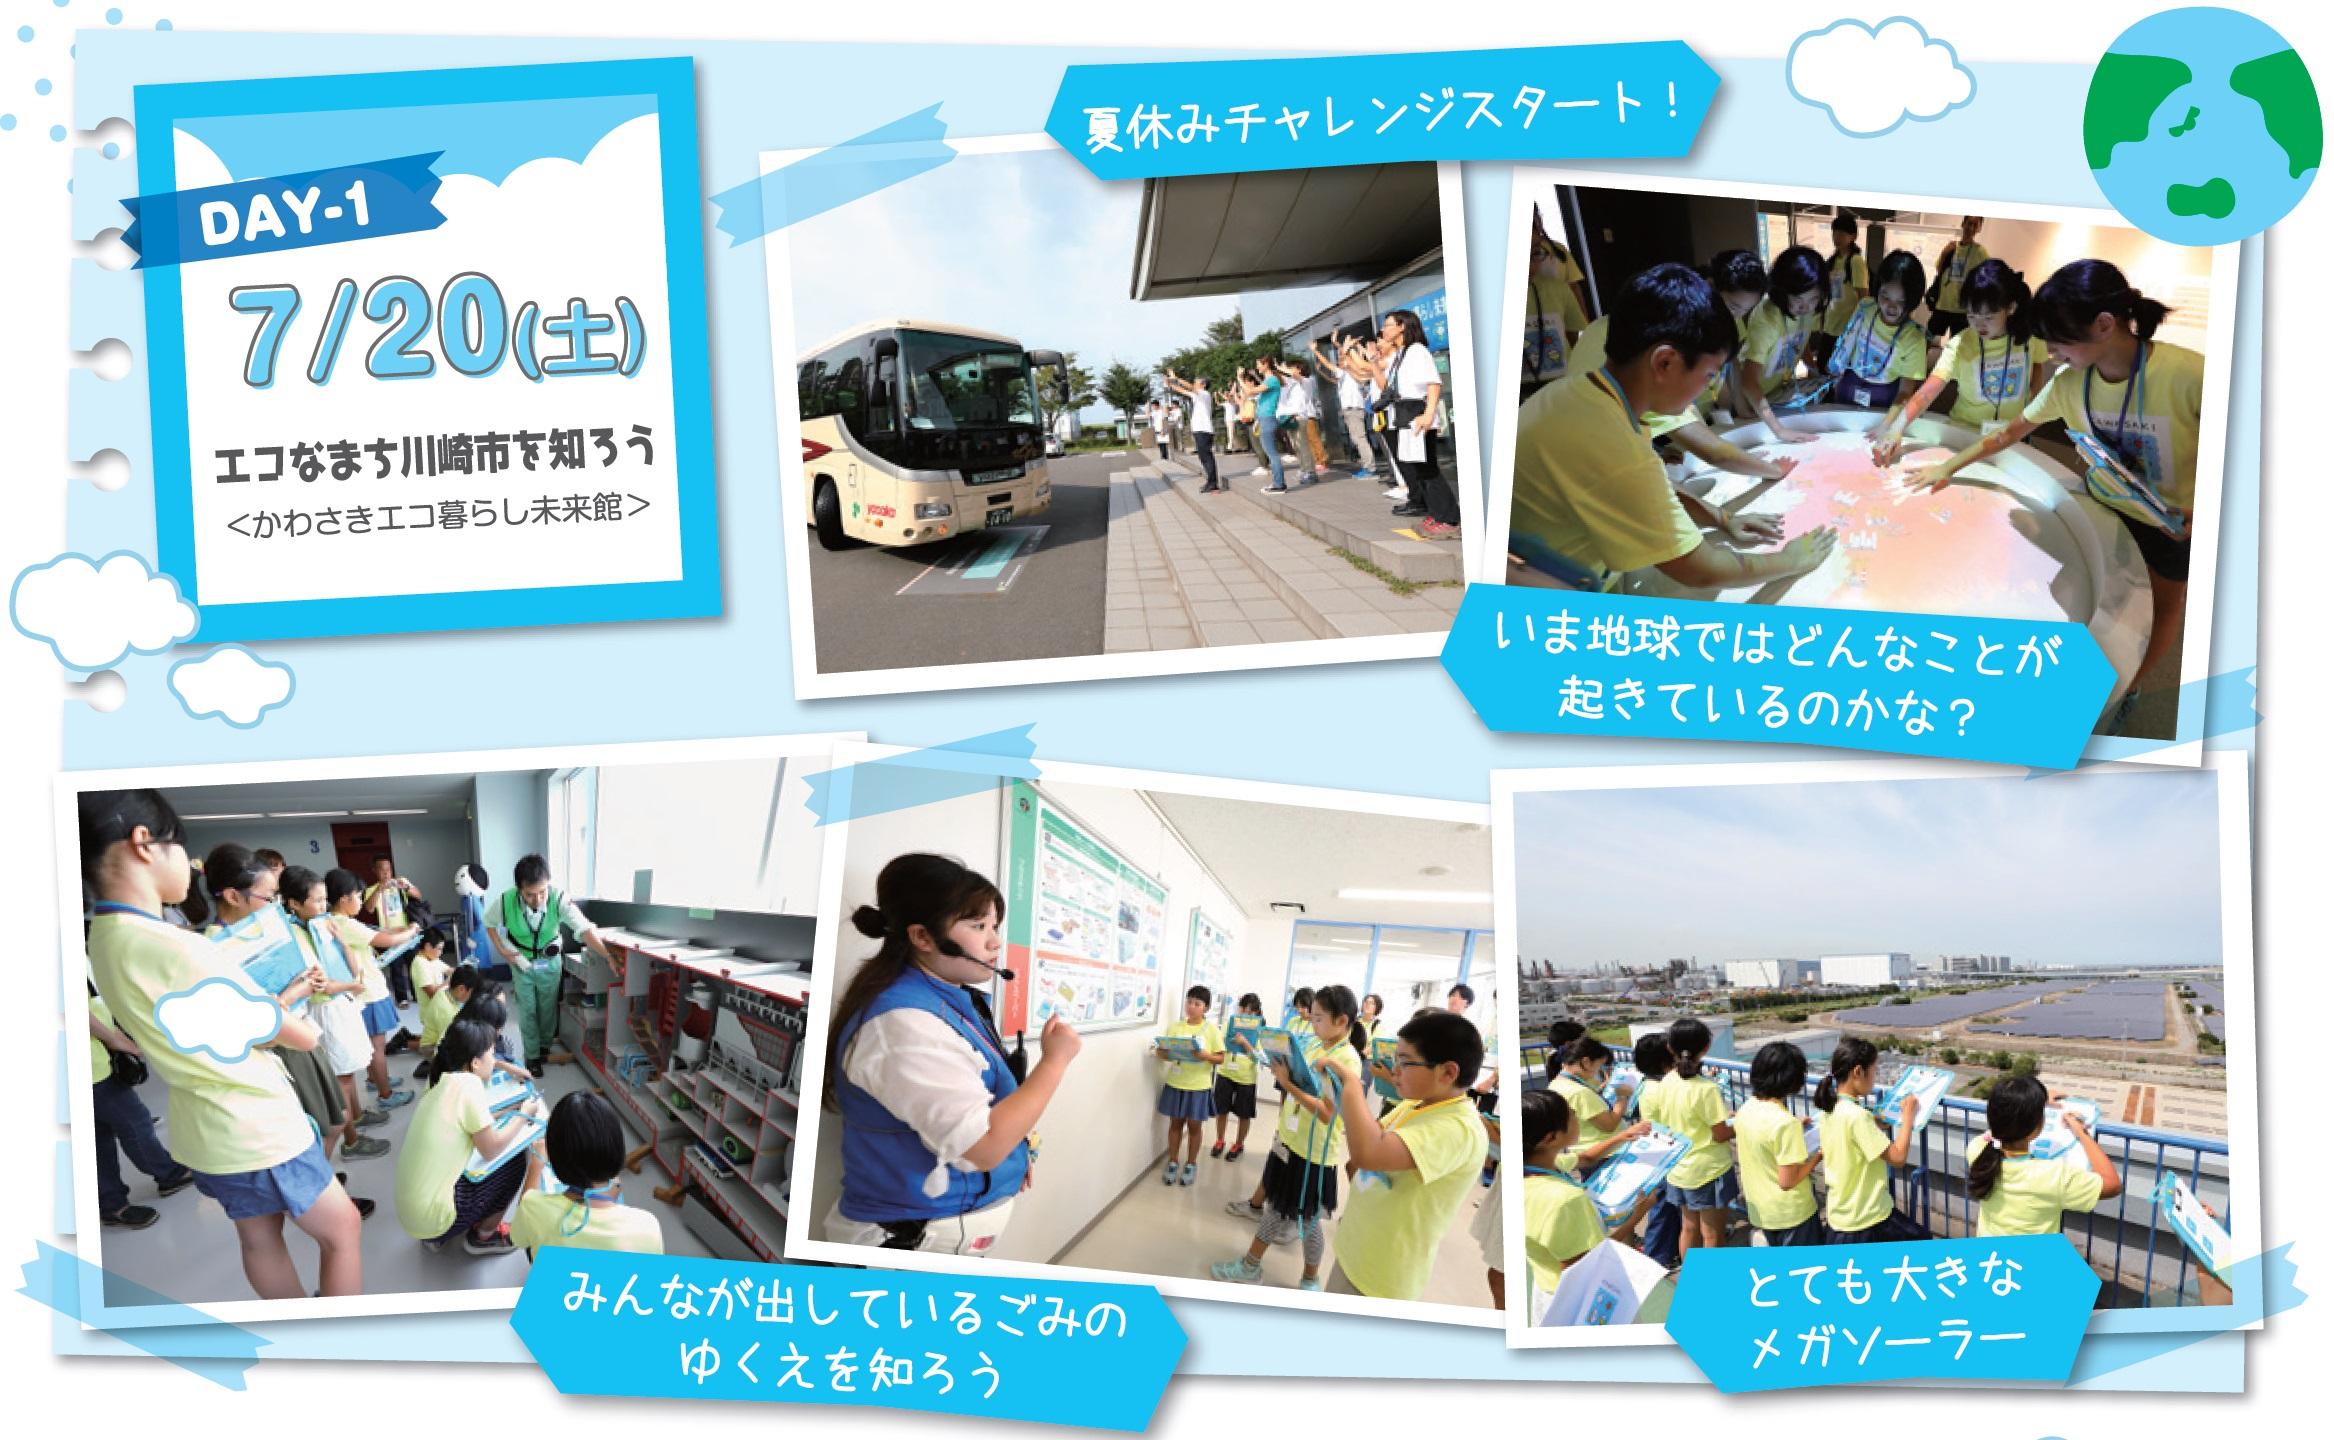 夏休みチャレンジ2019WEB用DAY1